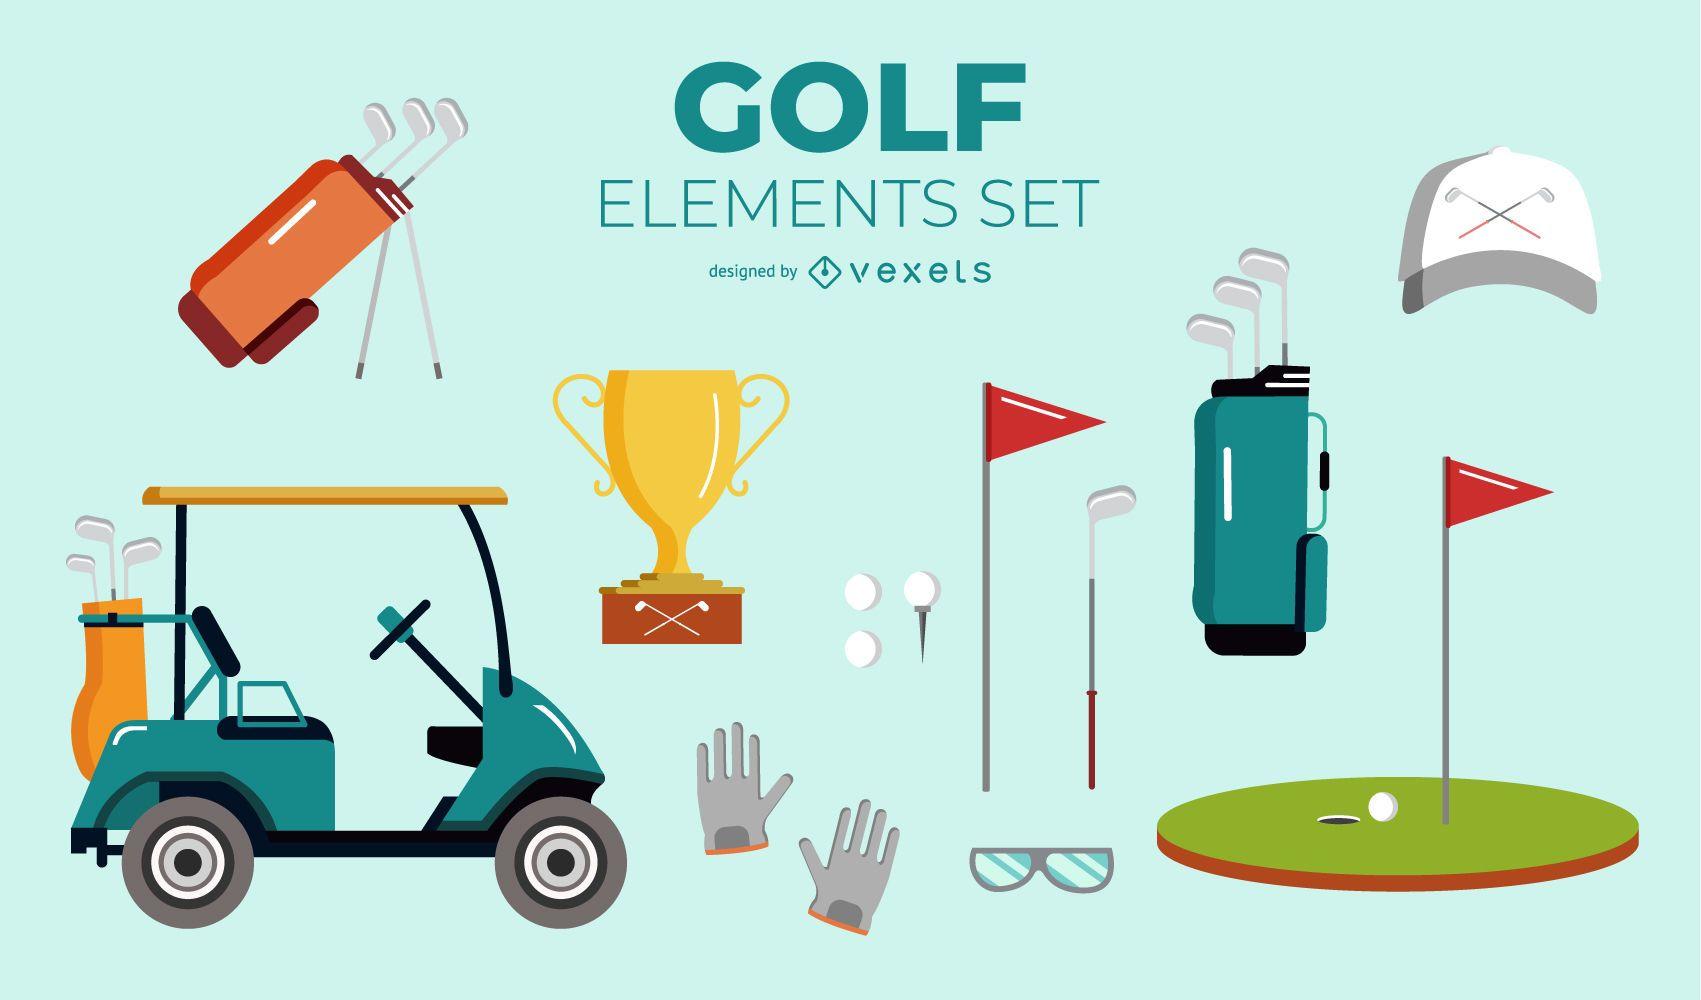 Golf Elements Set